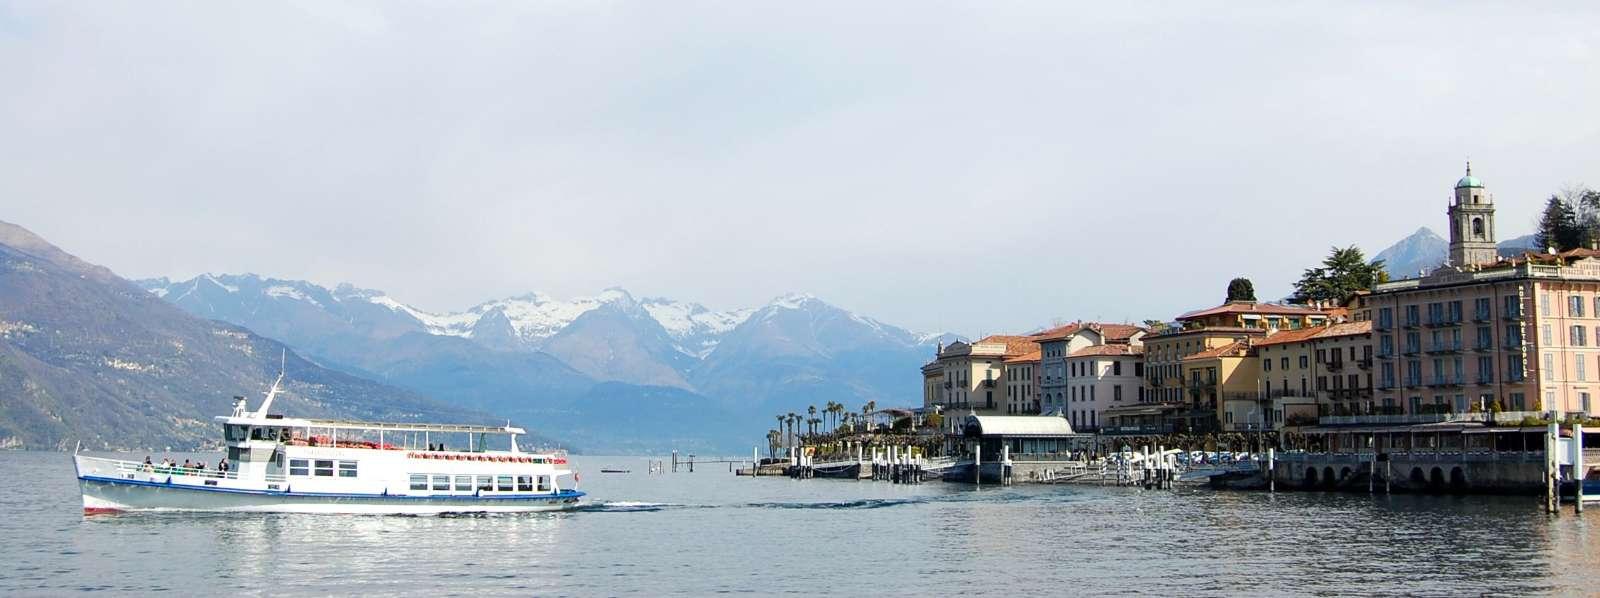 Færgetrafikken skaber stemning på søen